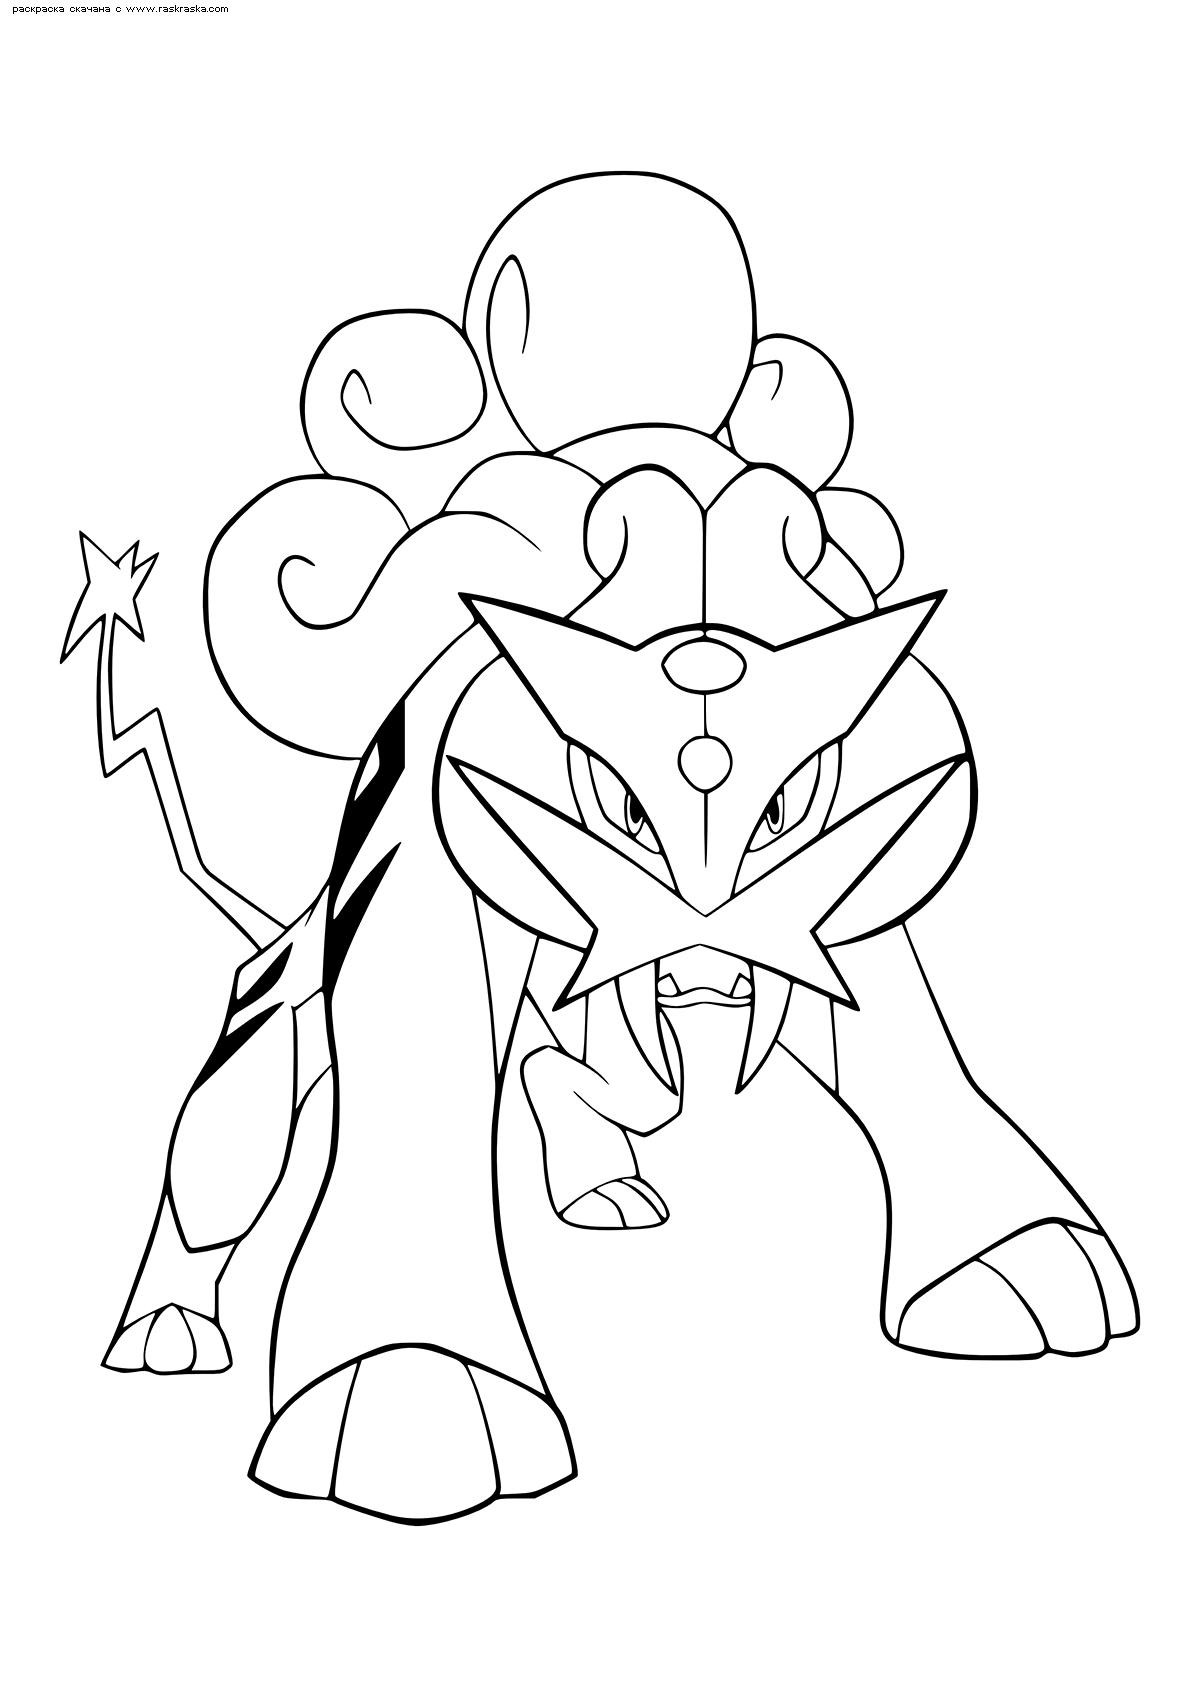 Раскраска Легендарный покемон Райкоу (Raikou). Раскраска Покемон